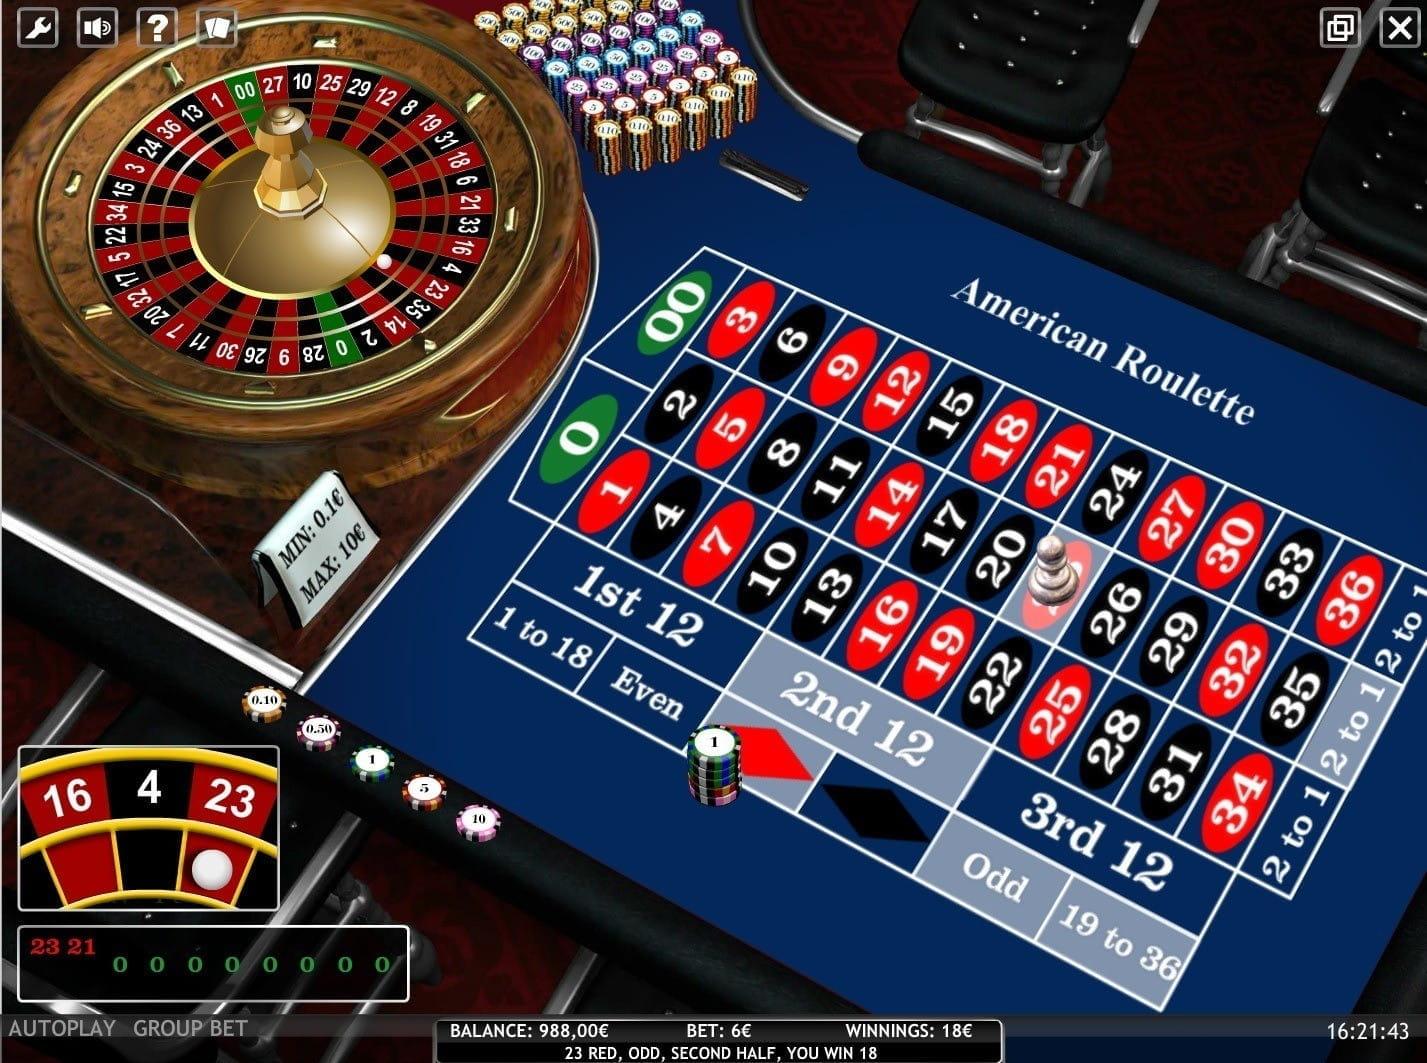 3 hand poker